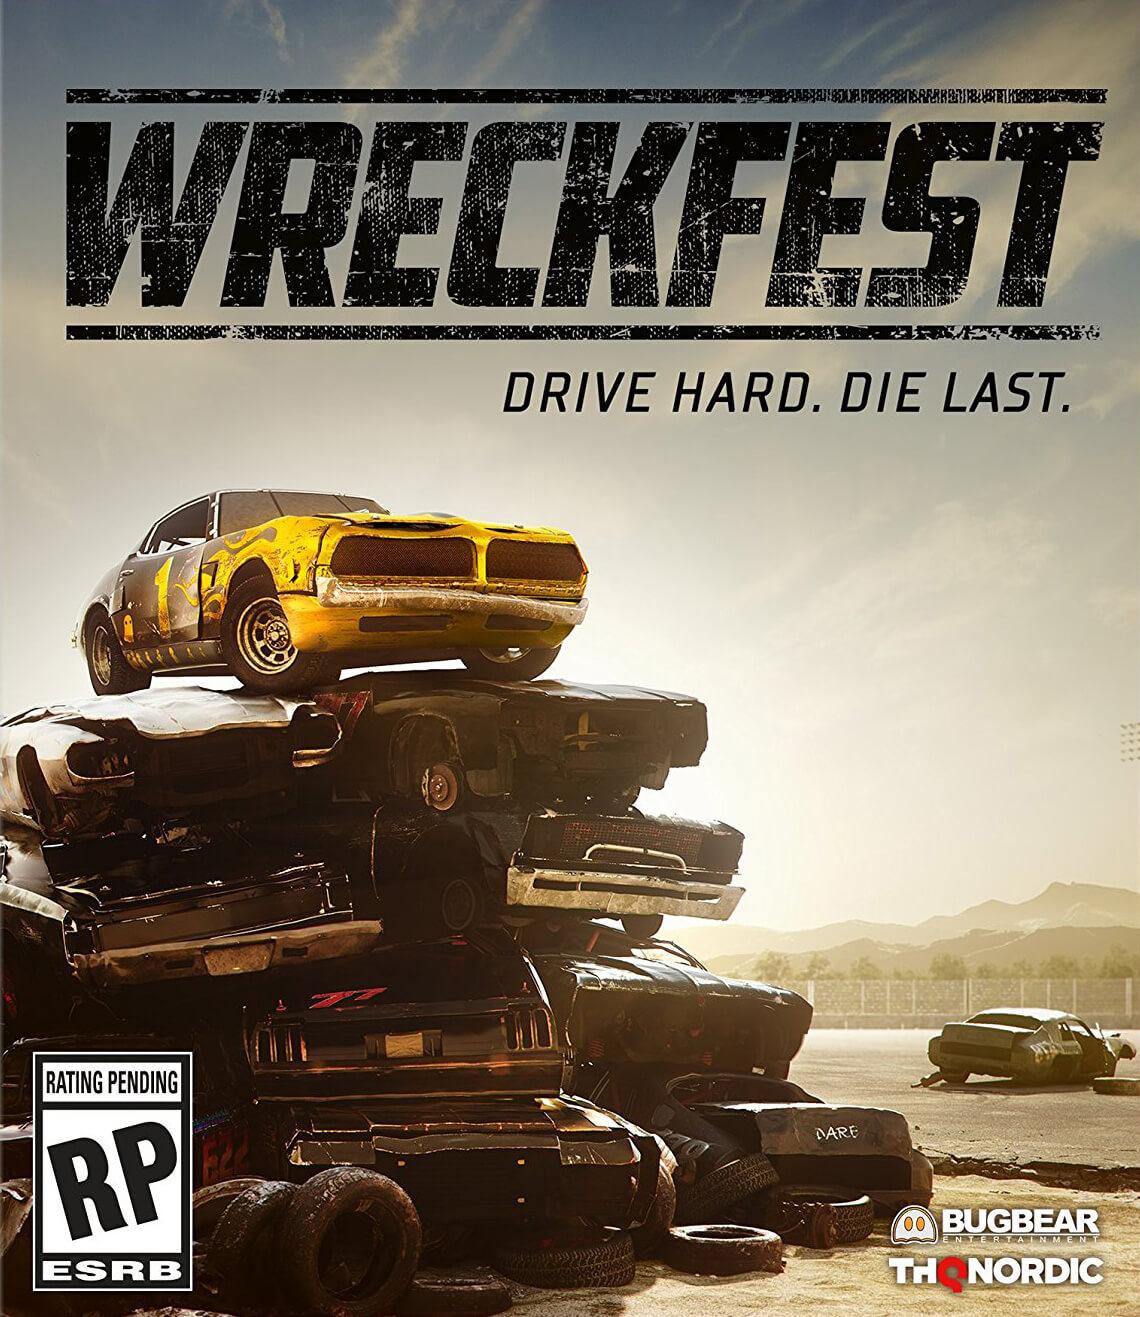 تنزيل Wreckfest ، تنزيل لعبة Wreckfest ، تنزيل لعبة War Machine 2018 ، تنزيل لعبة Wreckfest مجانًا ، تنزيل لعبة حرب جديدة مجانية للكمبيوتر ، تنزيل لعبة CODEX لعبة Wreckfest ، تنزيل لعبة Wreckfest المباشرة ، تنزيل إصدار FitGirl من لعبة Wreckfest ، تنزيل إصدار مضغوط  من لعبة Wreckfest ، قم بتنزيل النسخة الصغيرة من Wreckfest،ألعاب 2020،أحدث الألعاب